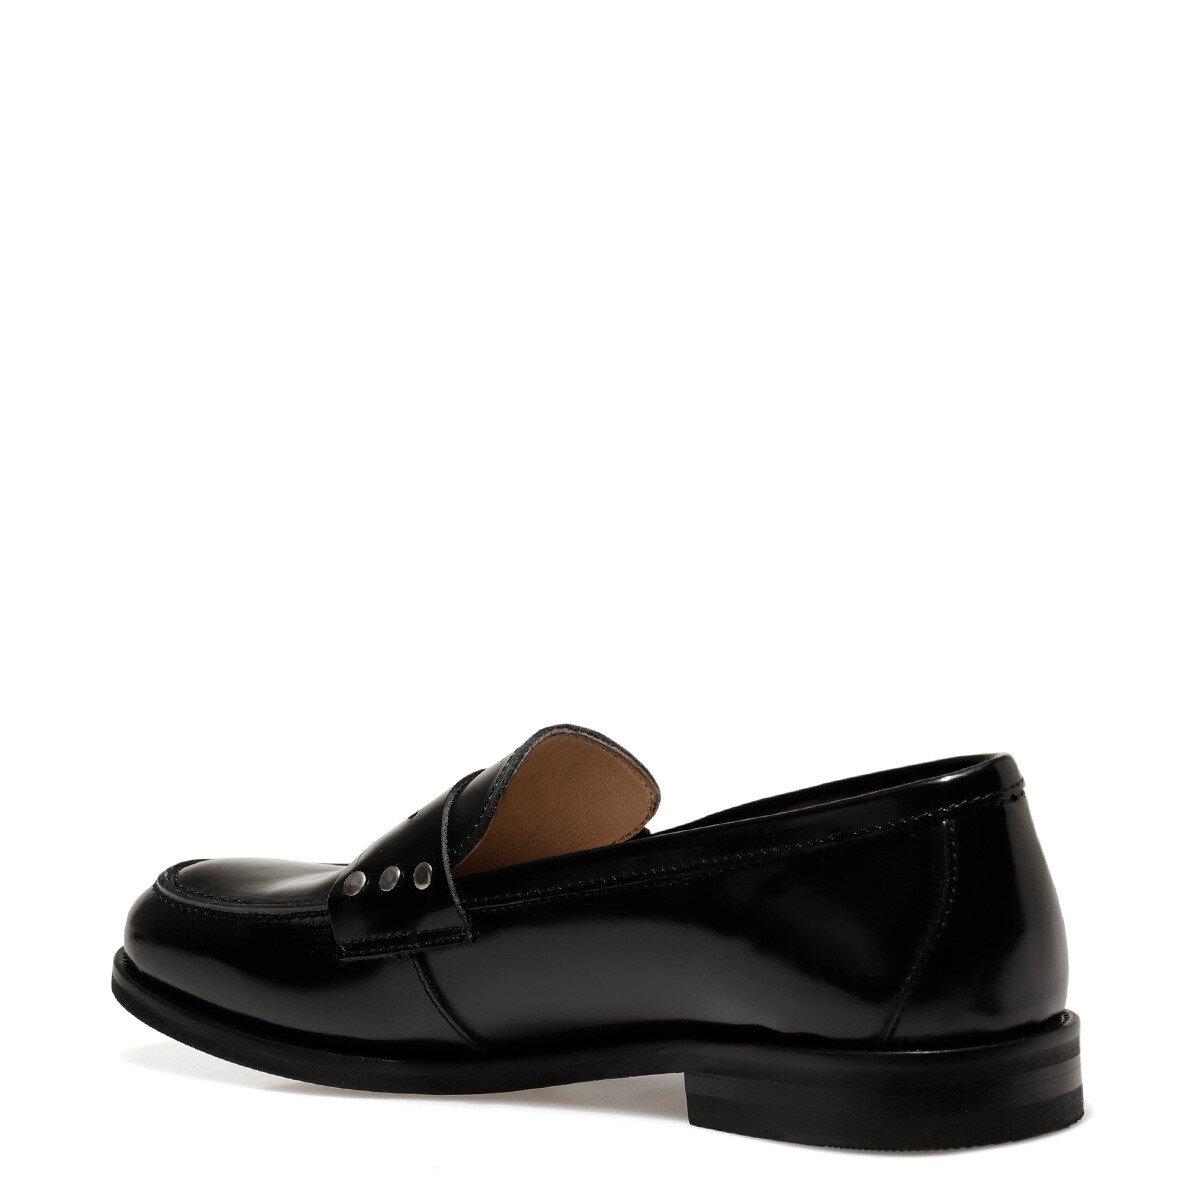 BRANDIE Siyah Kadın Loafer Ayakkabı